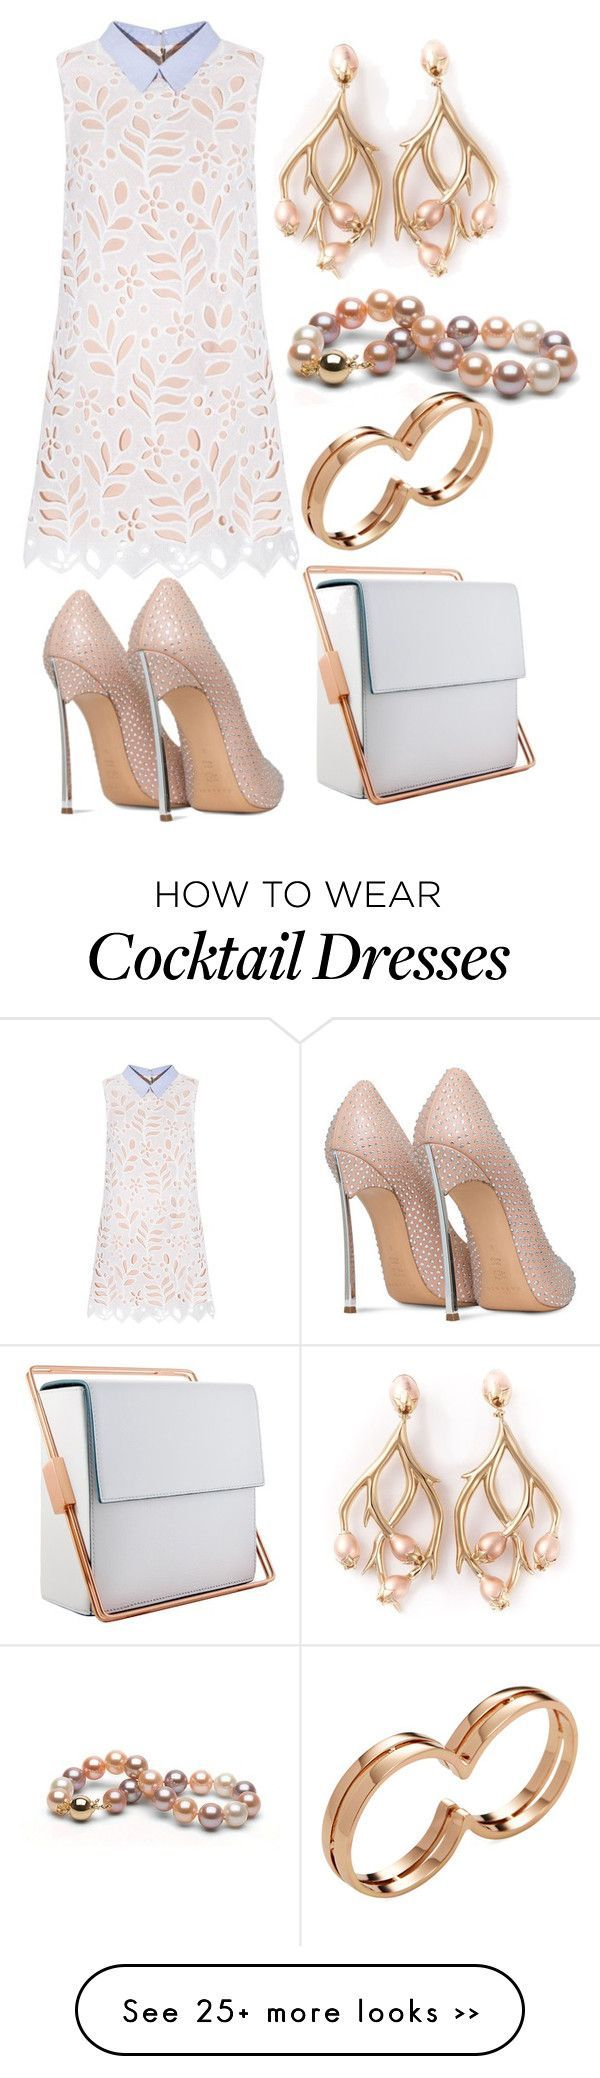 Cocktail Dress Sets